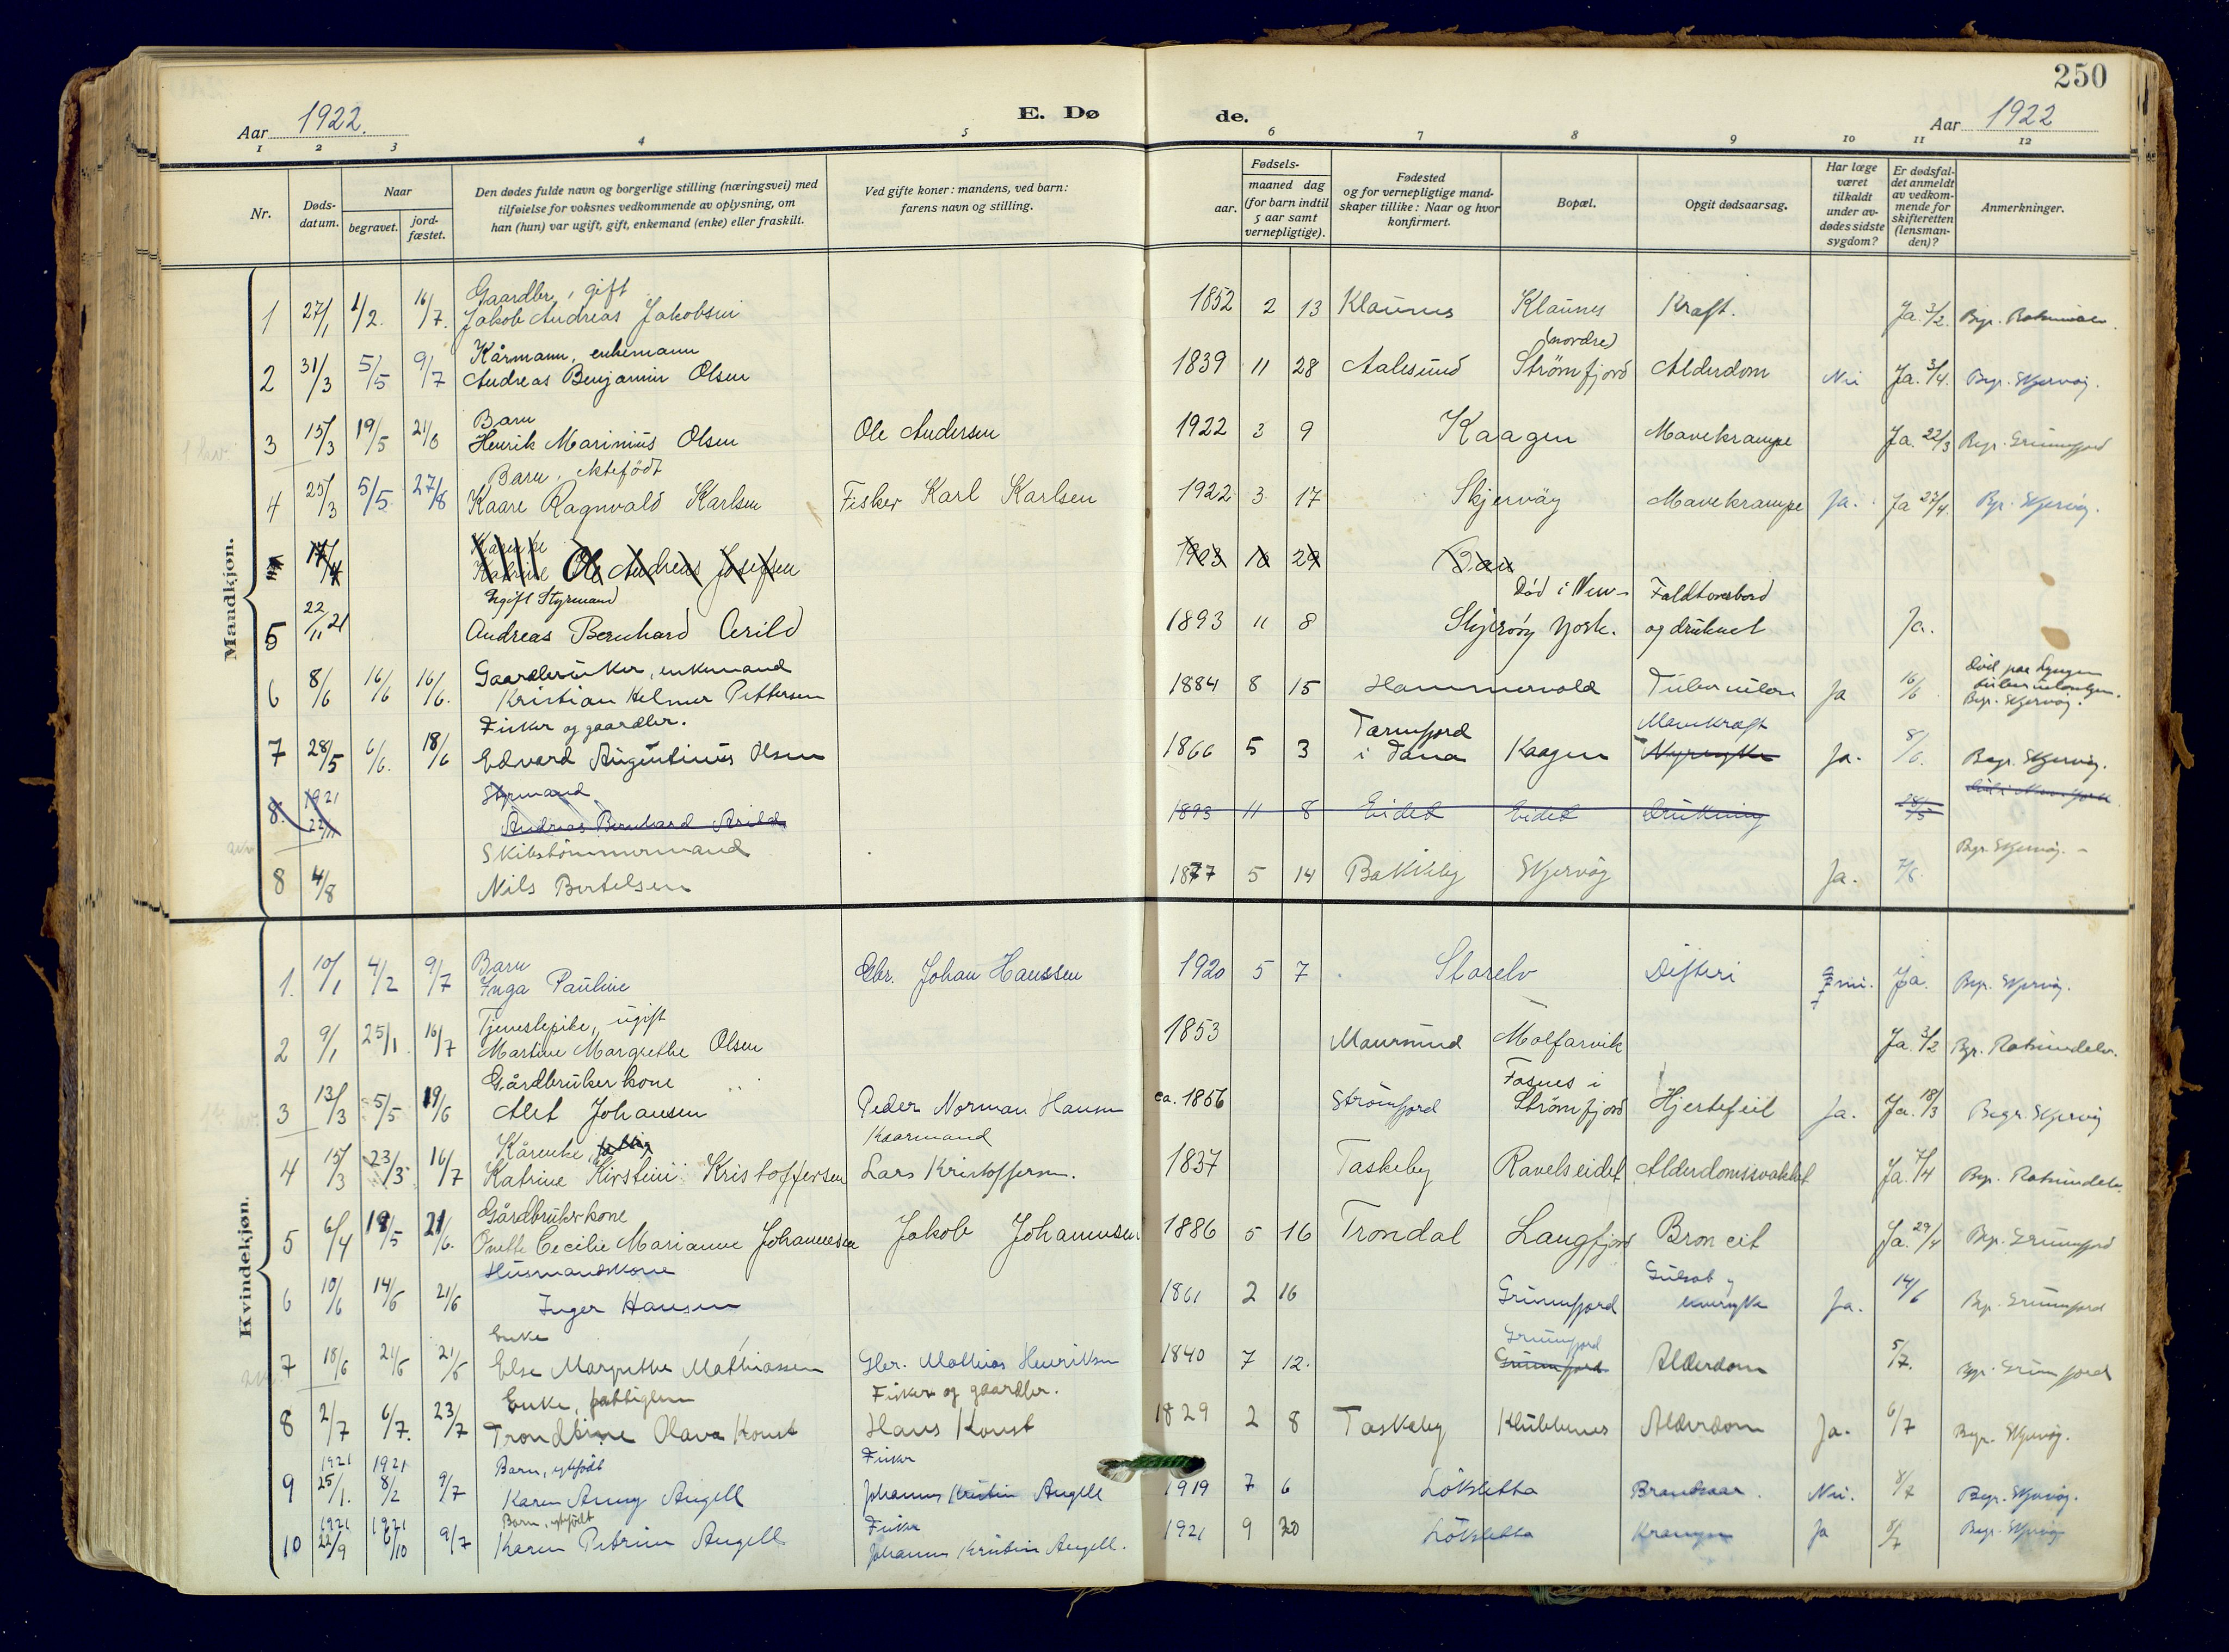 SATØ, Skjervøy sokneprestkontor, H/Ha/Haa: Ministerialbok nr. 18, 1910-1926, s. 250